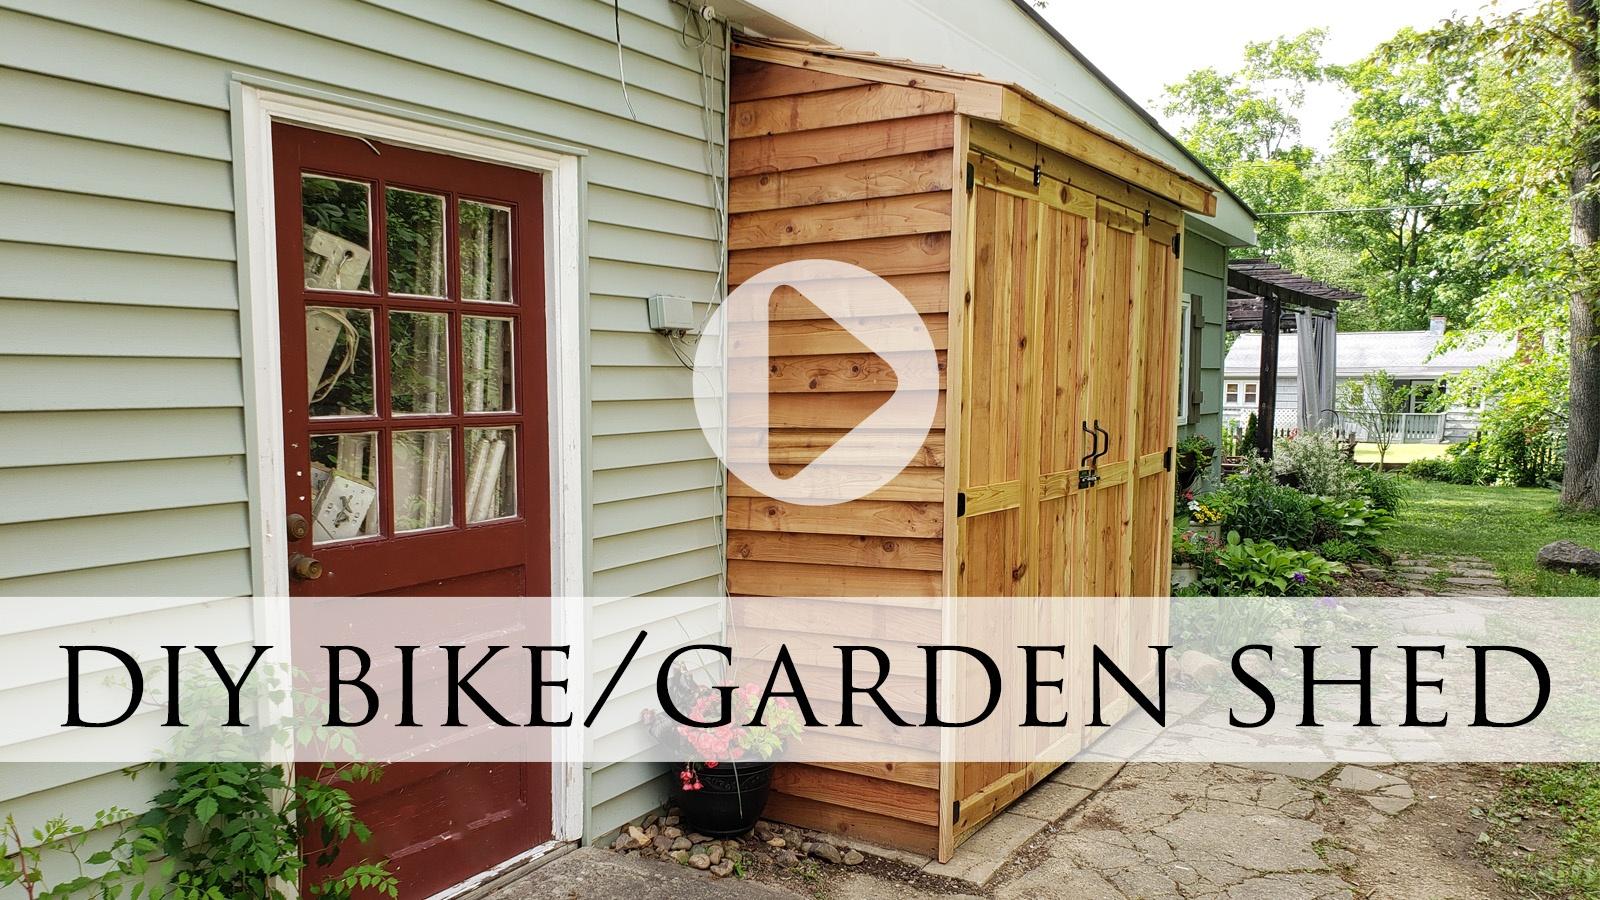 DIY Cedar Bike Shed Tutorial by Larissa of Prodigal Pieces | prodigalpieces.com #prodigalpieces